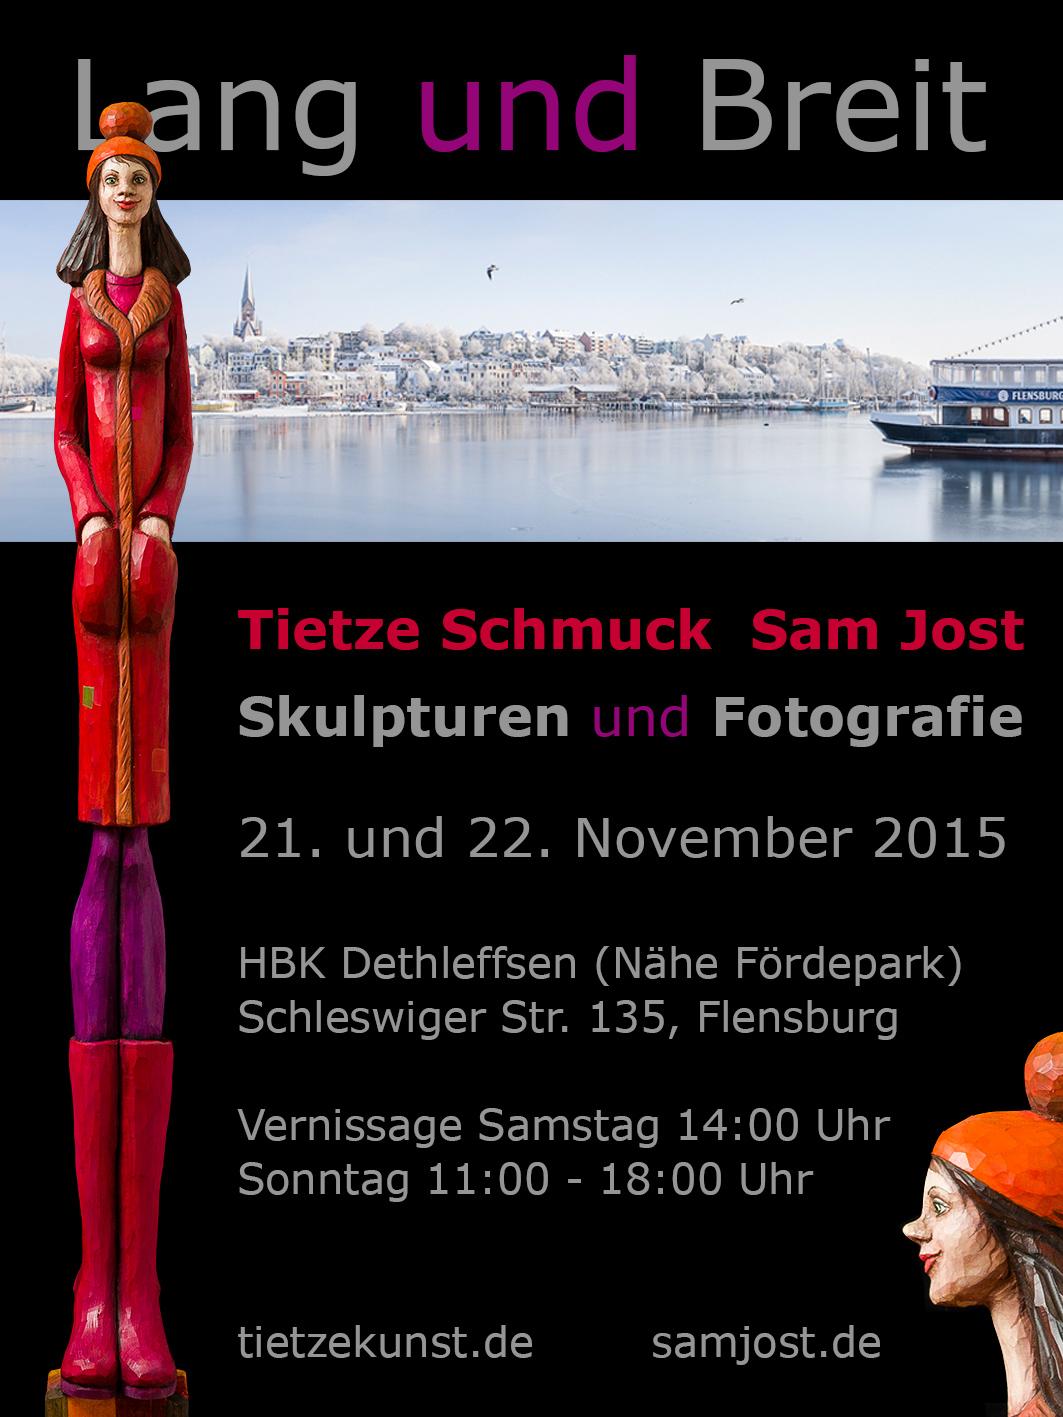 Ausstellung Lang und Breit 21. und 22. November 2015 bei HBK